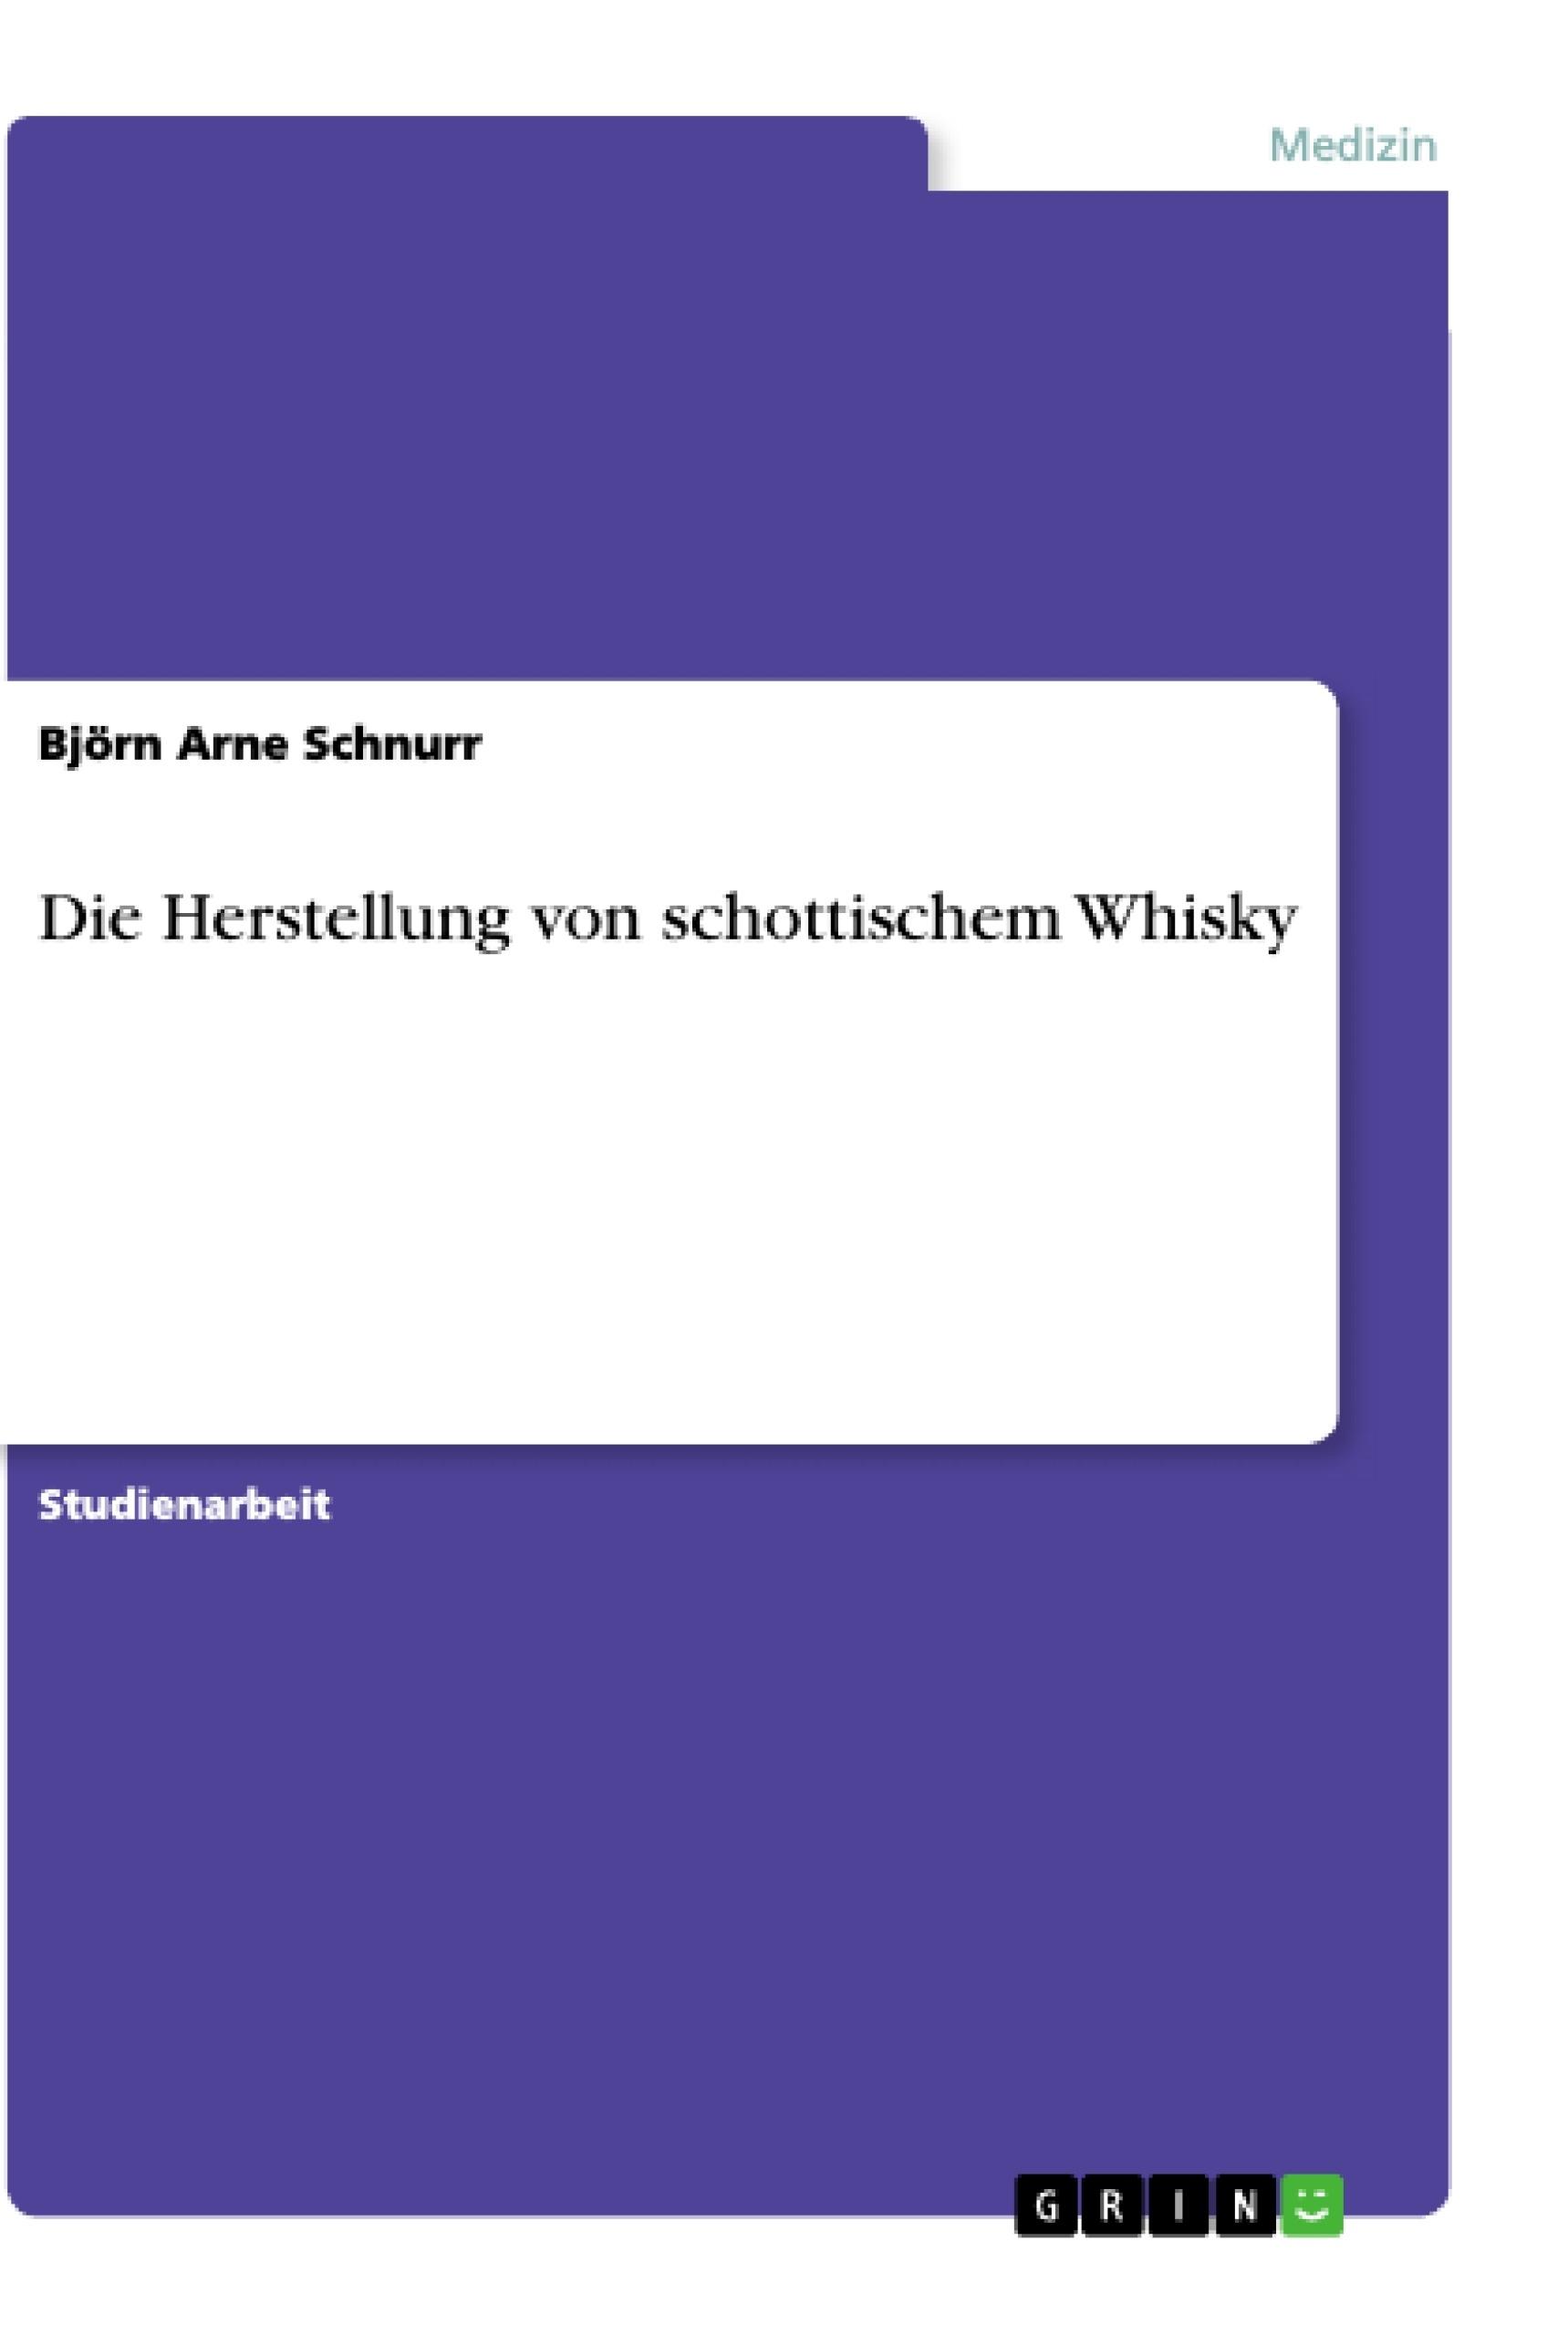 Titel: Die Herstellung von schottischem Whisky